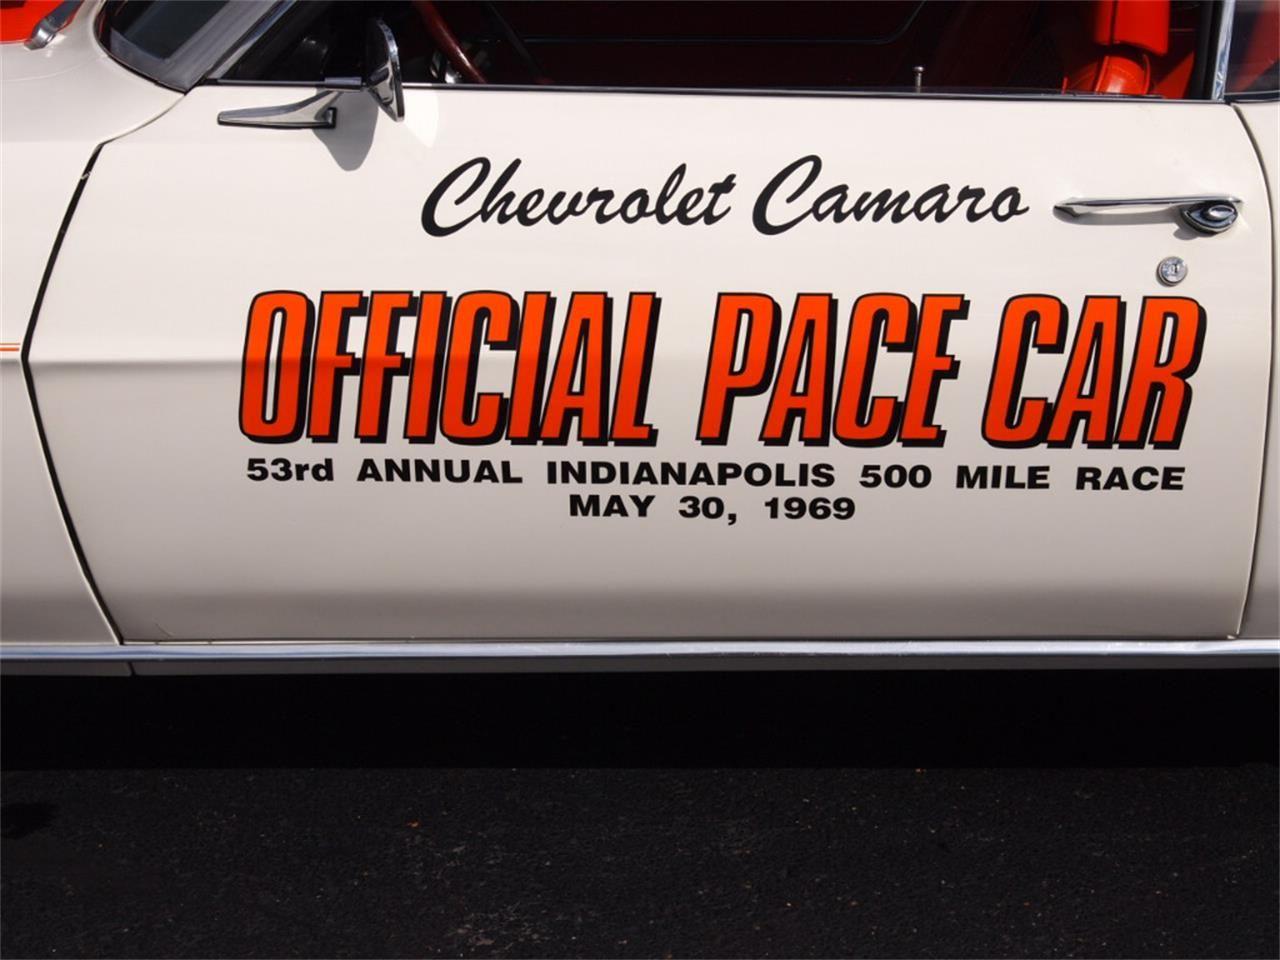 1969 Chevrolet Camaro Indy Pace Car Camaro Chevrolet Camaro Chevrolet